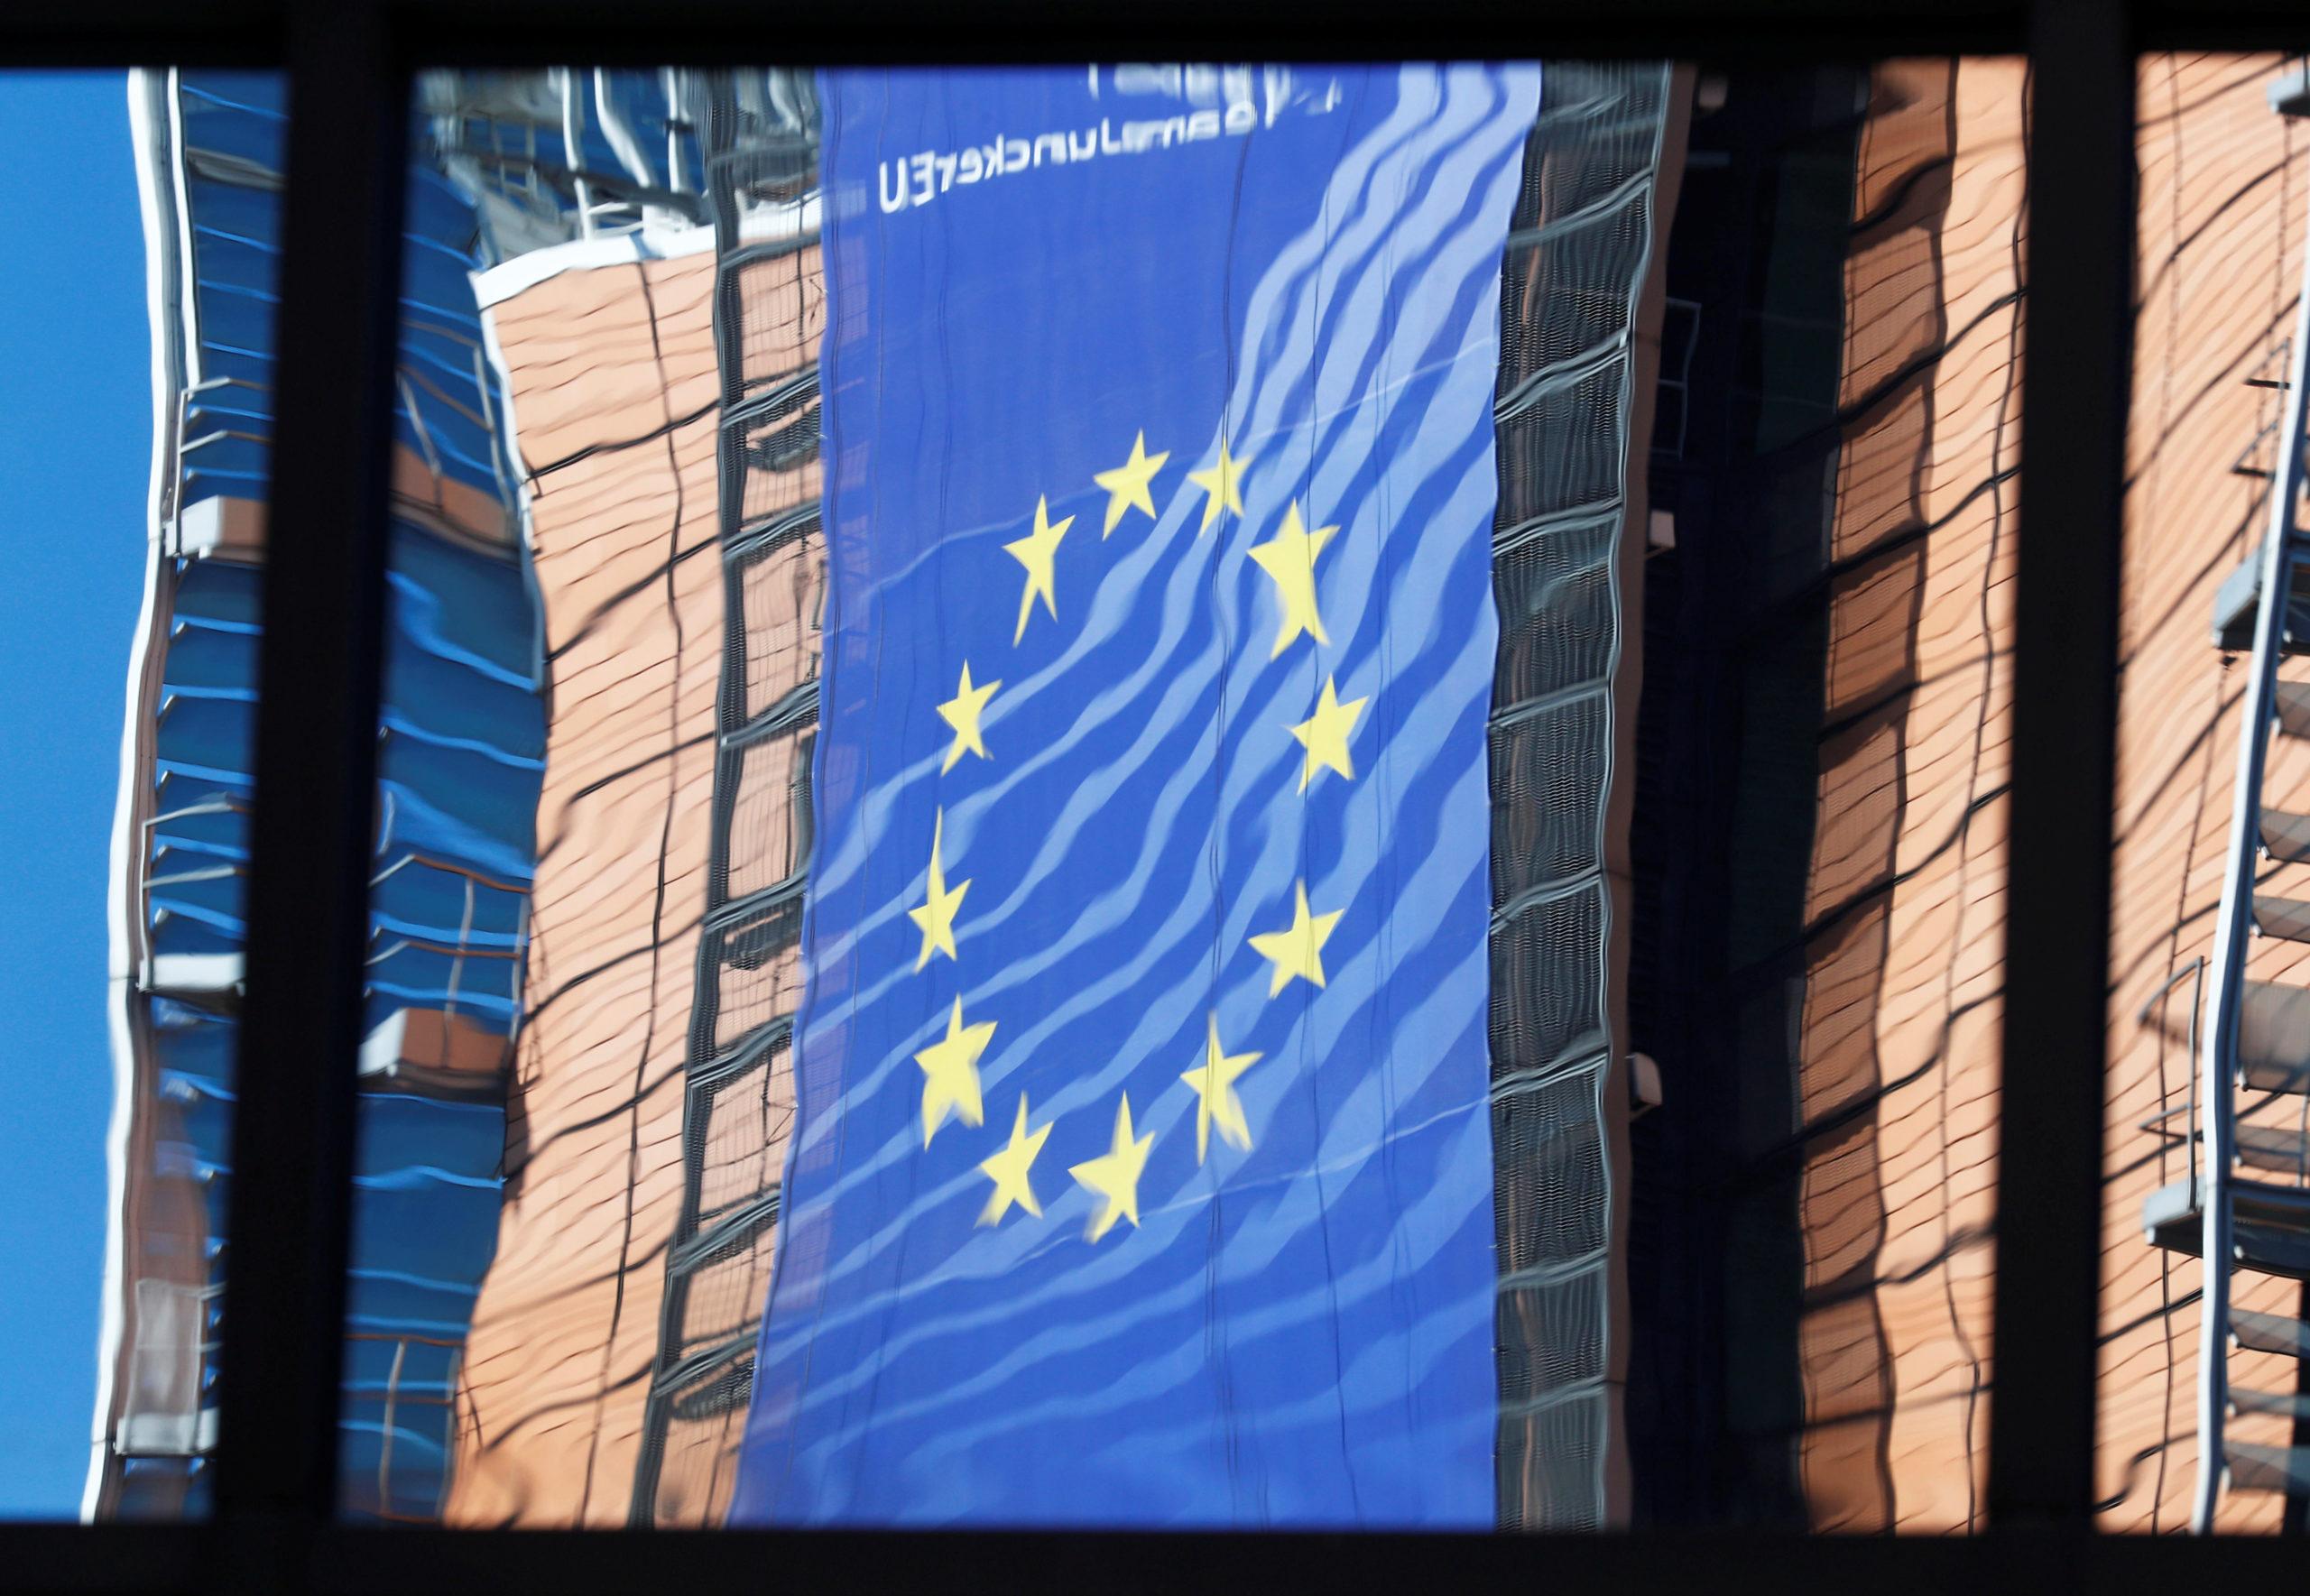 Le Conseil européen a annoncé jeudi la reconduction pour six mois des sanctions infligées à la Russie après l'annexion de la Crimée, en mars 2014. /Photo d'archives/REUTERS/Francois Lenoir